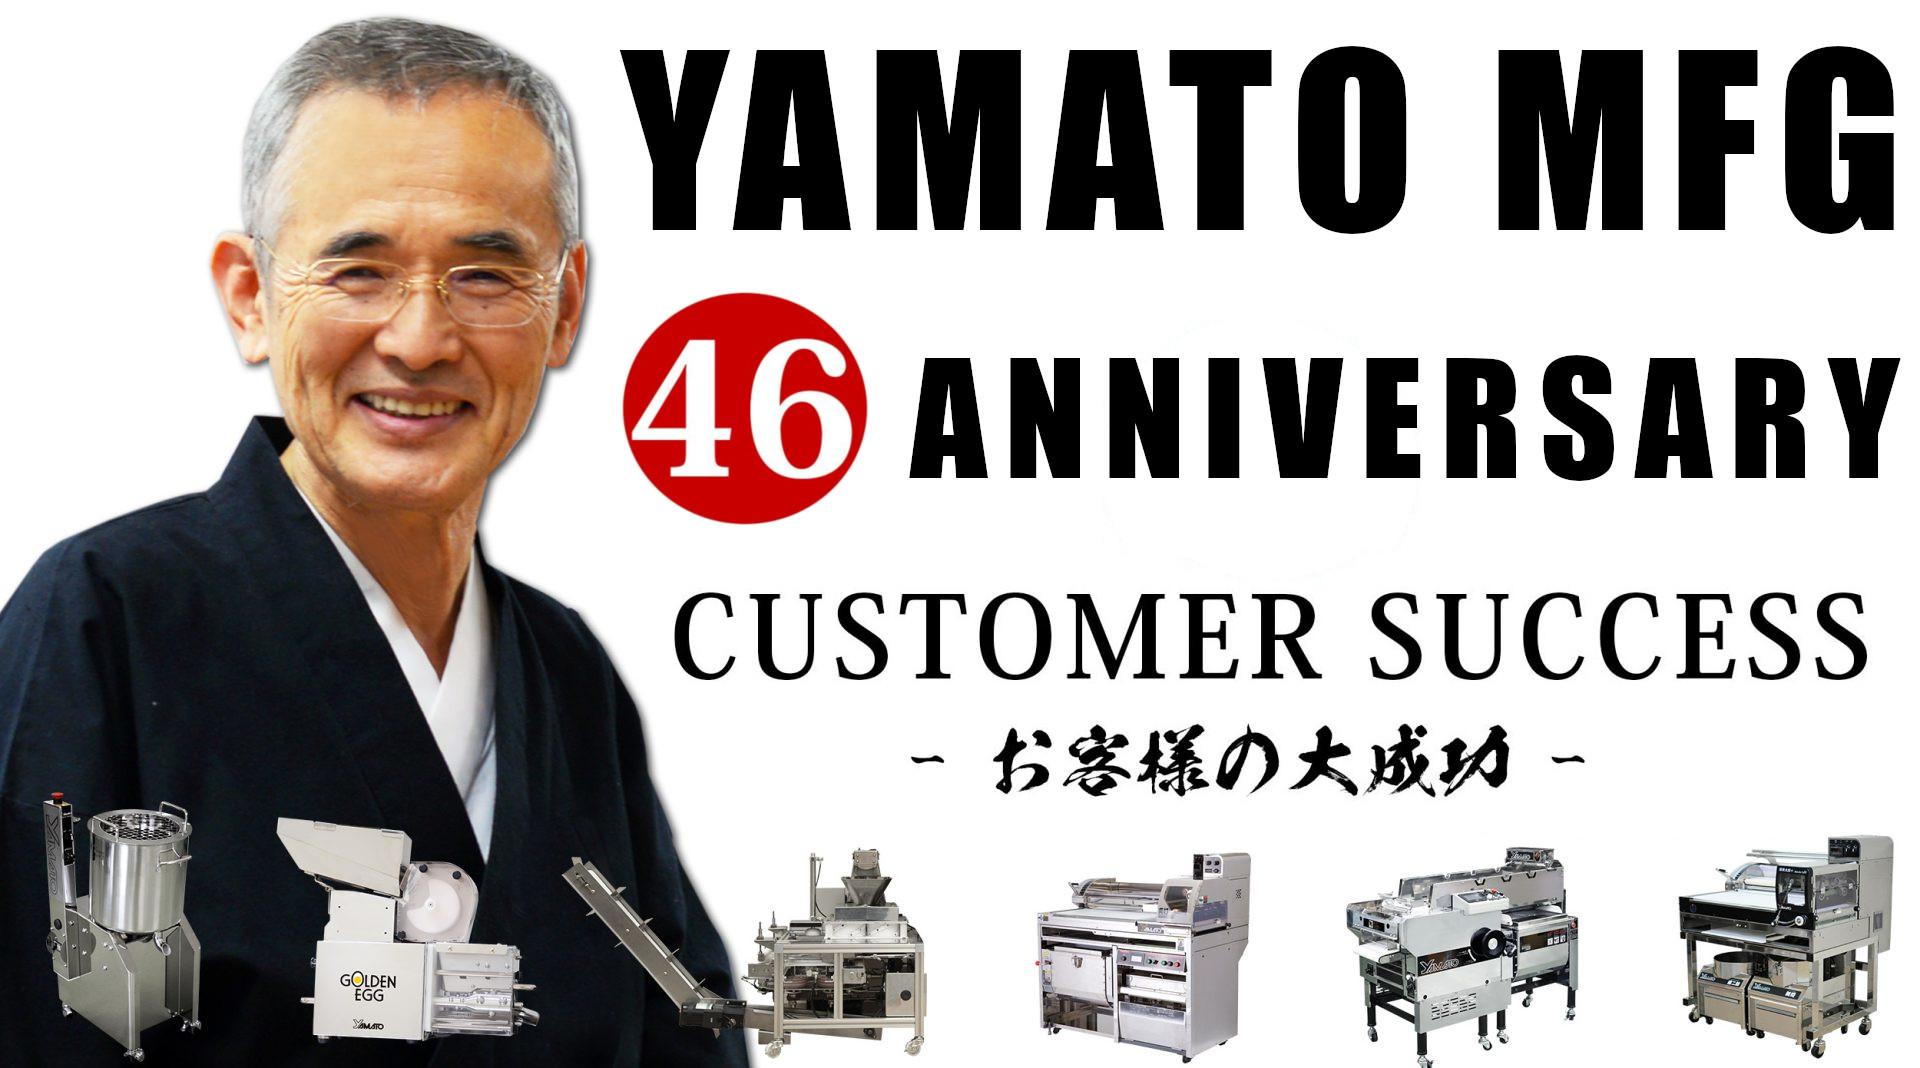 yamato mfg 46 year anniversary